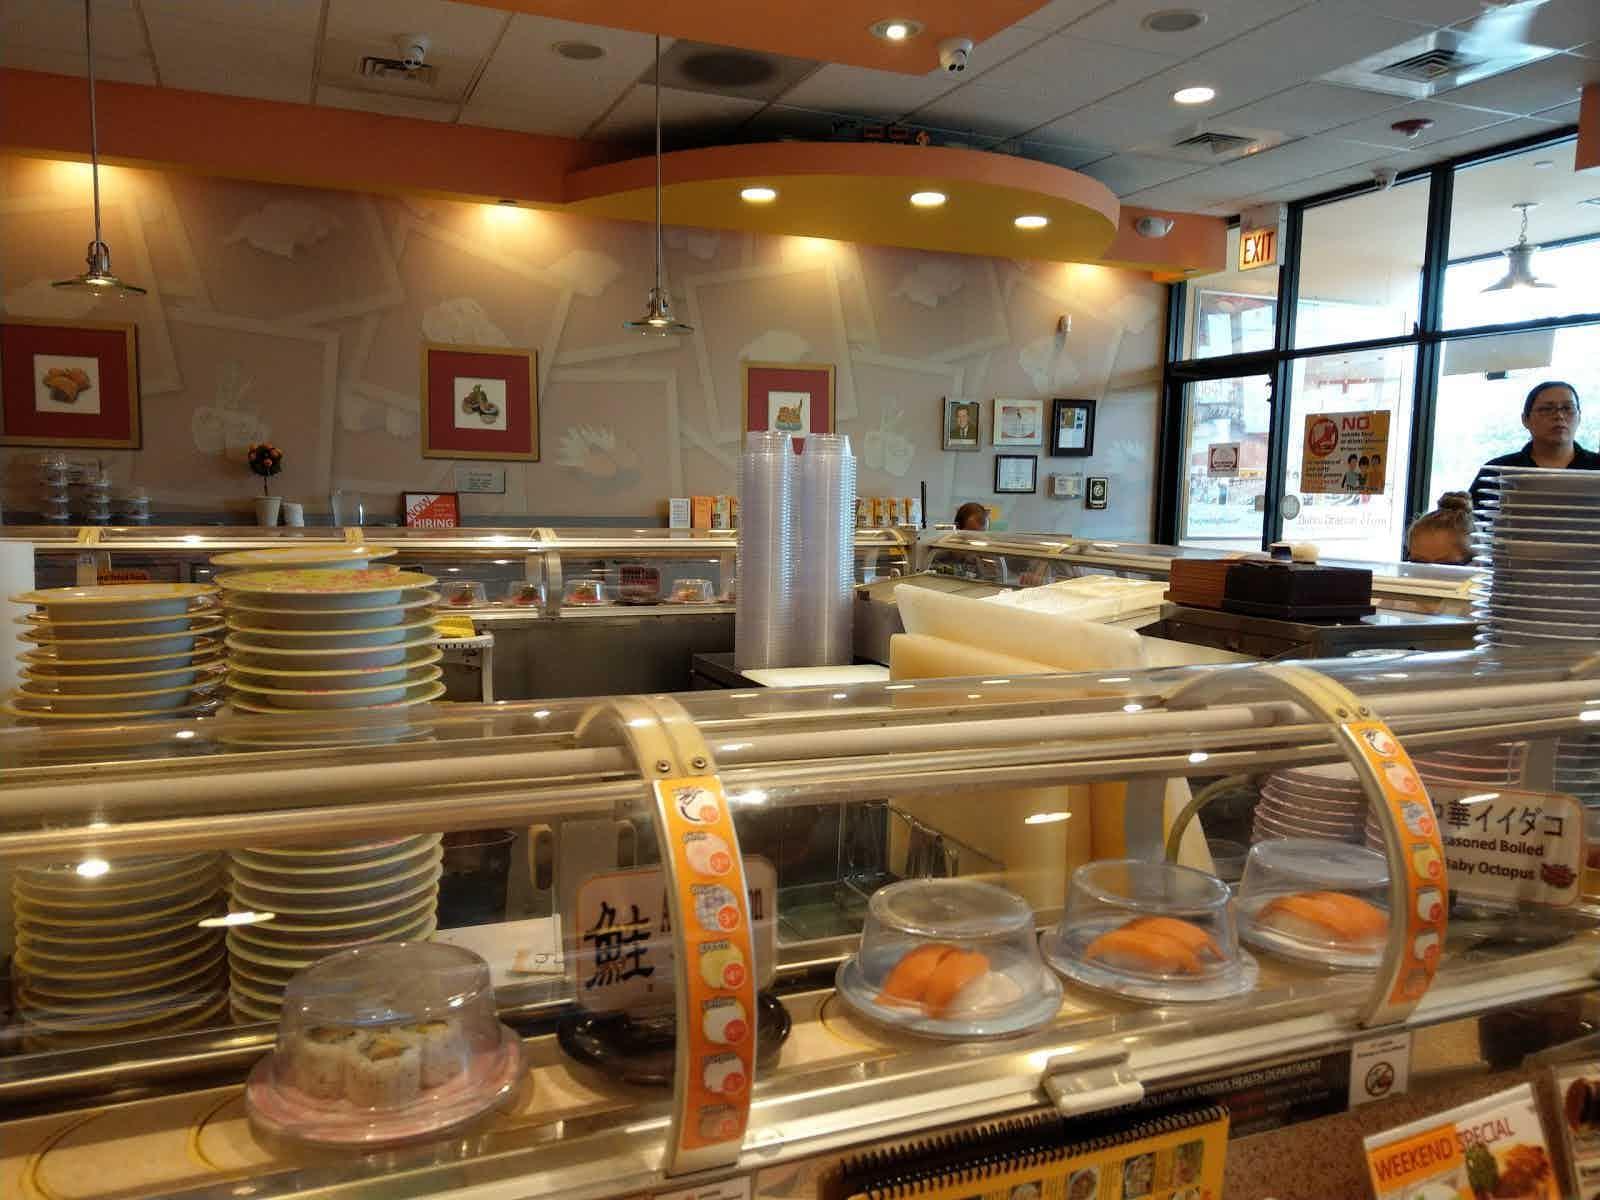 Sushi Station Rolling Meadows Restaurant Review Zagat Anschließend kannst du deinen ort und ein restaurant, bei dem du amerikanische pizza. sushi station rolling meadows